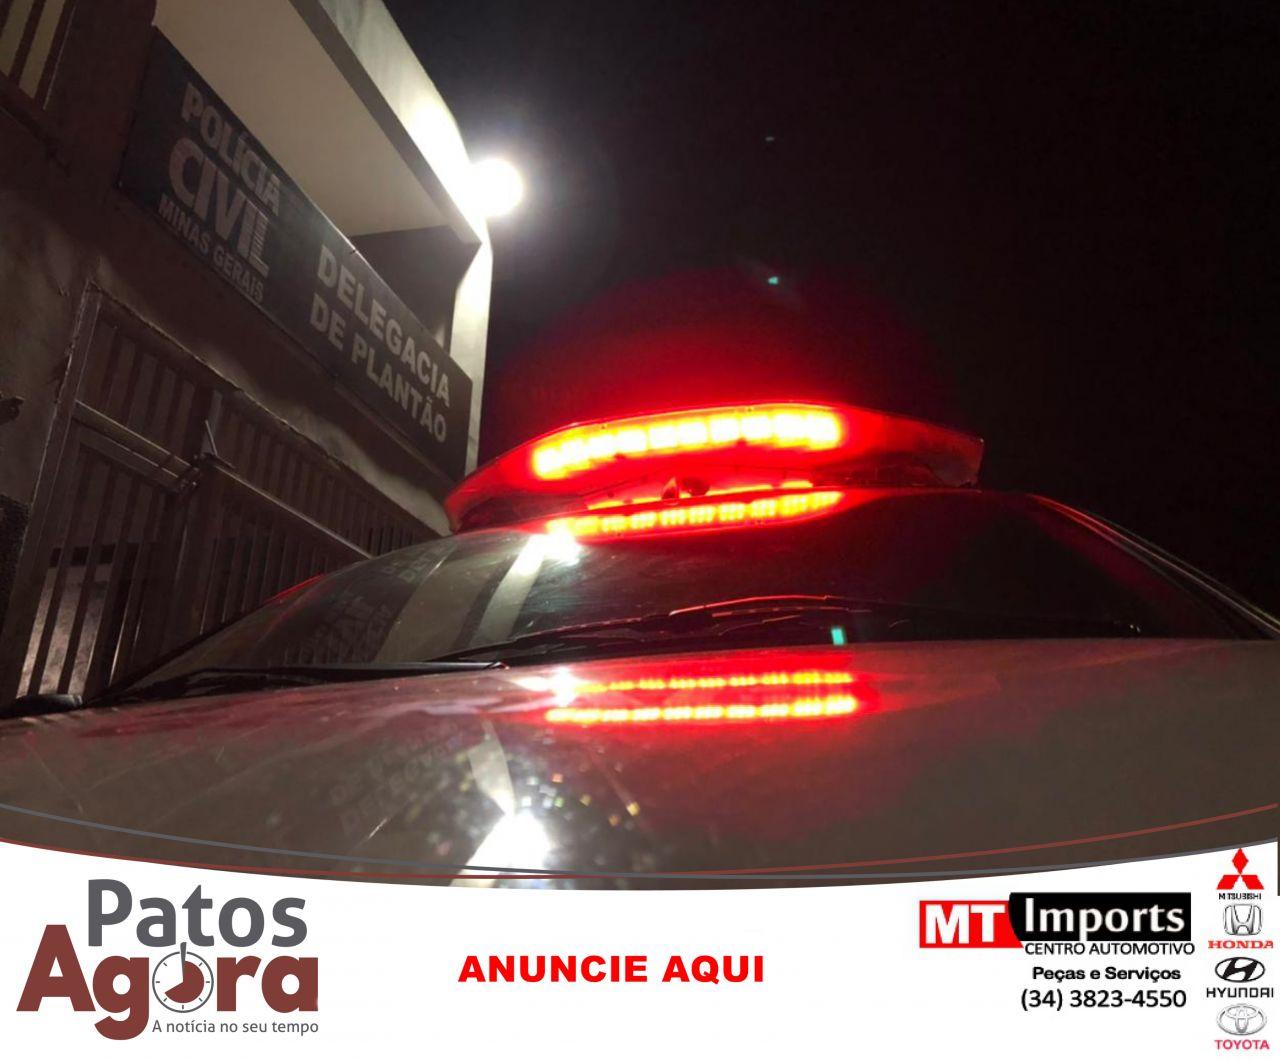 Festa de aniversário com cerca de 80 pessoas é fechada em Patos de Minas